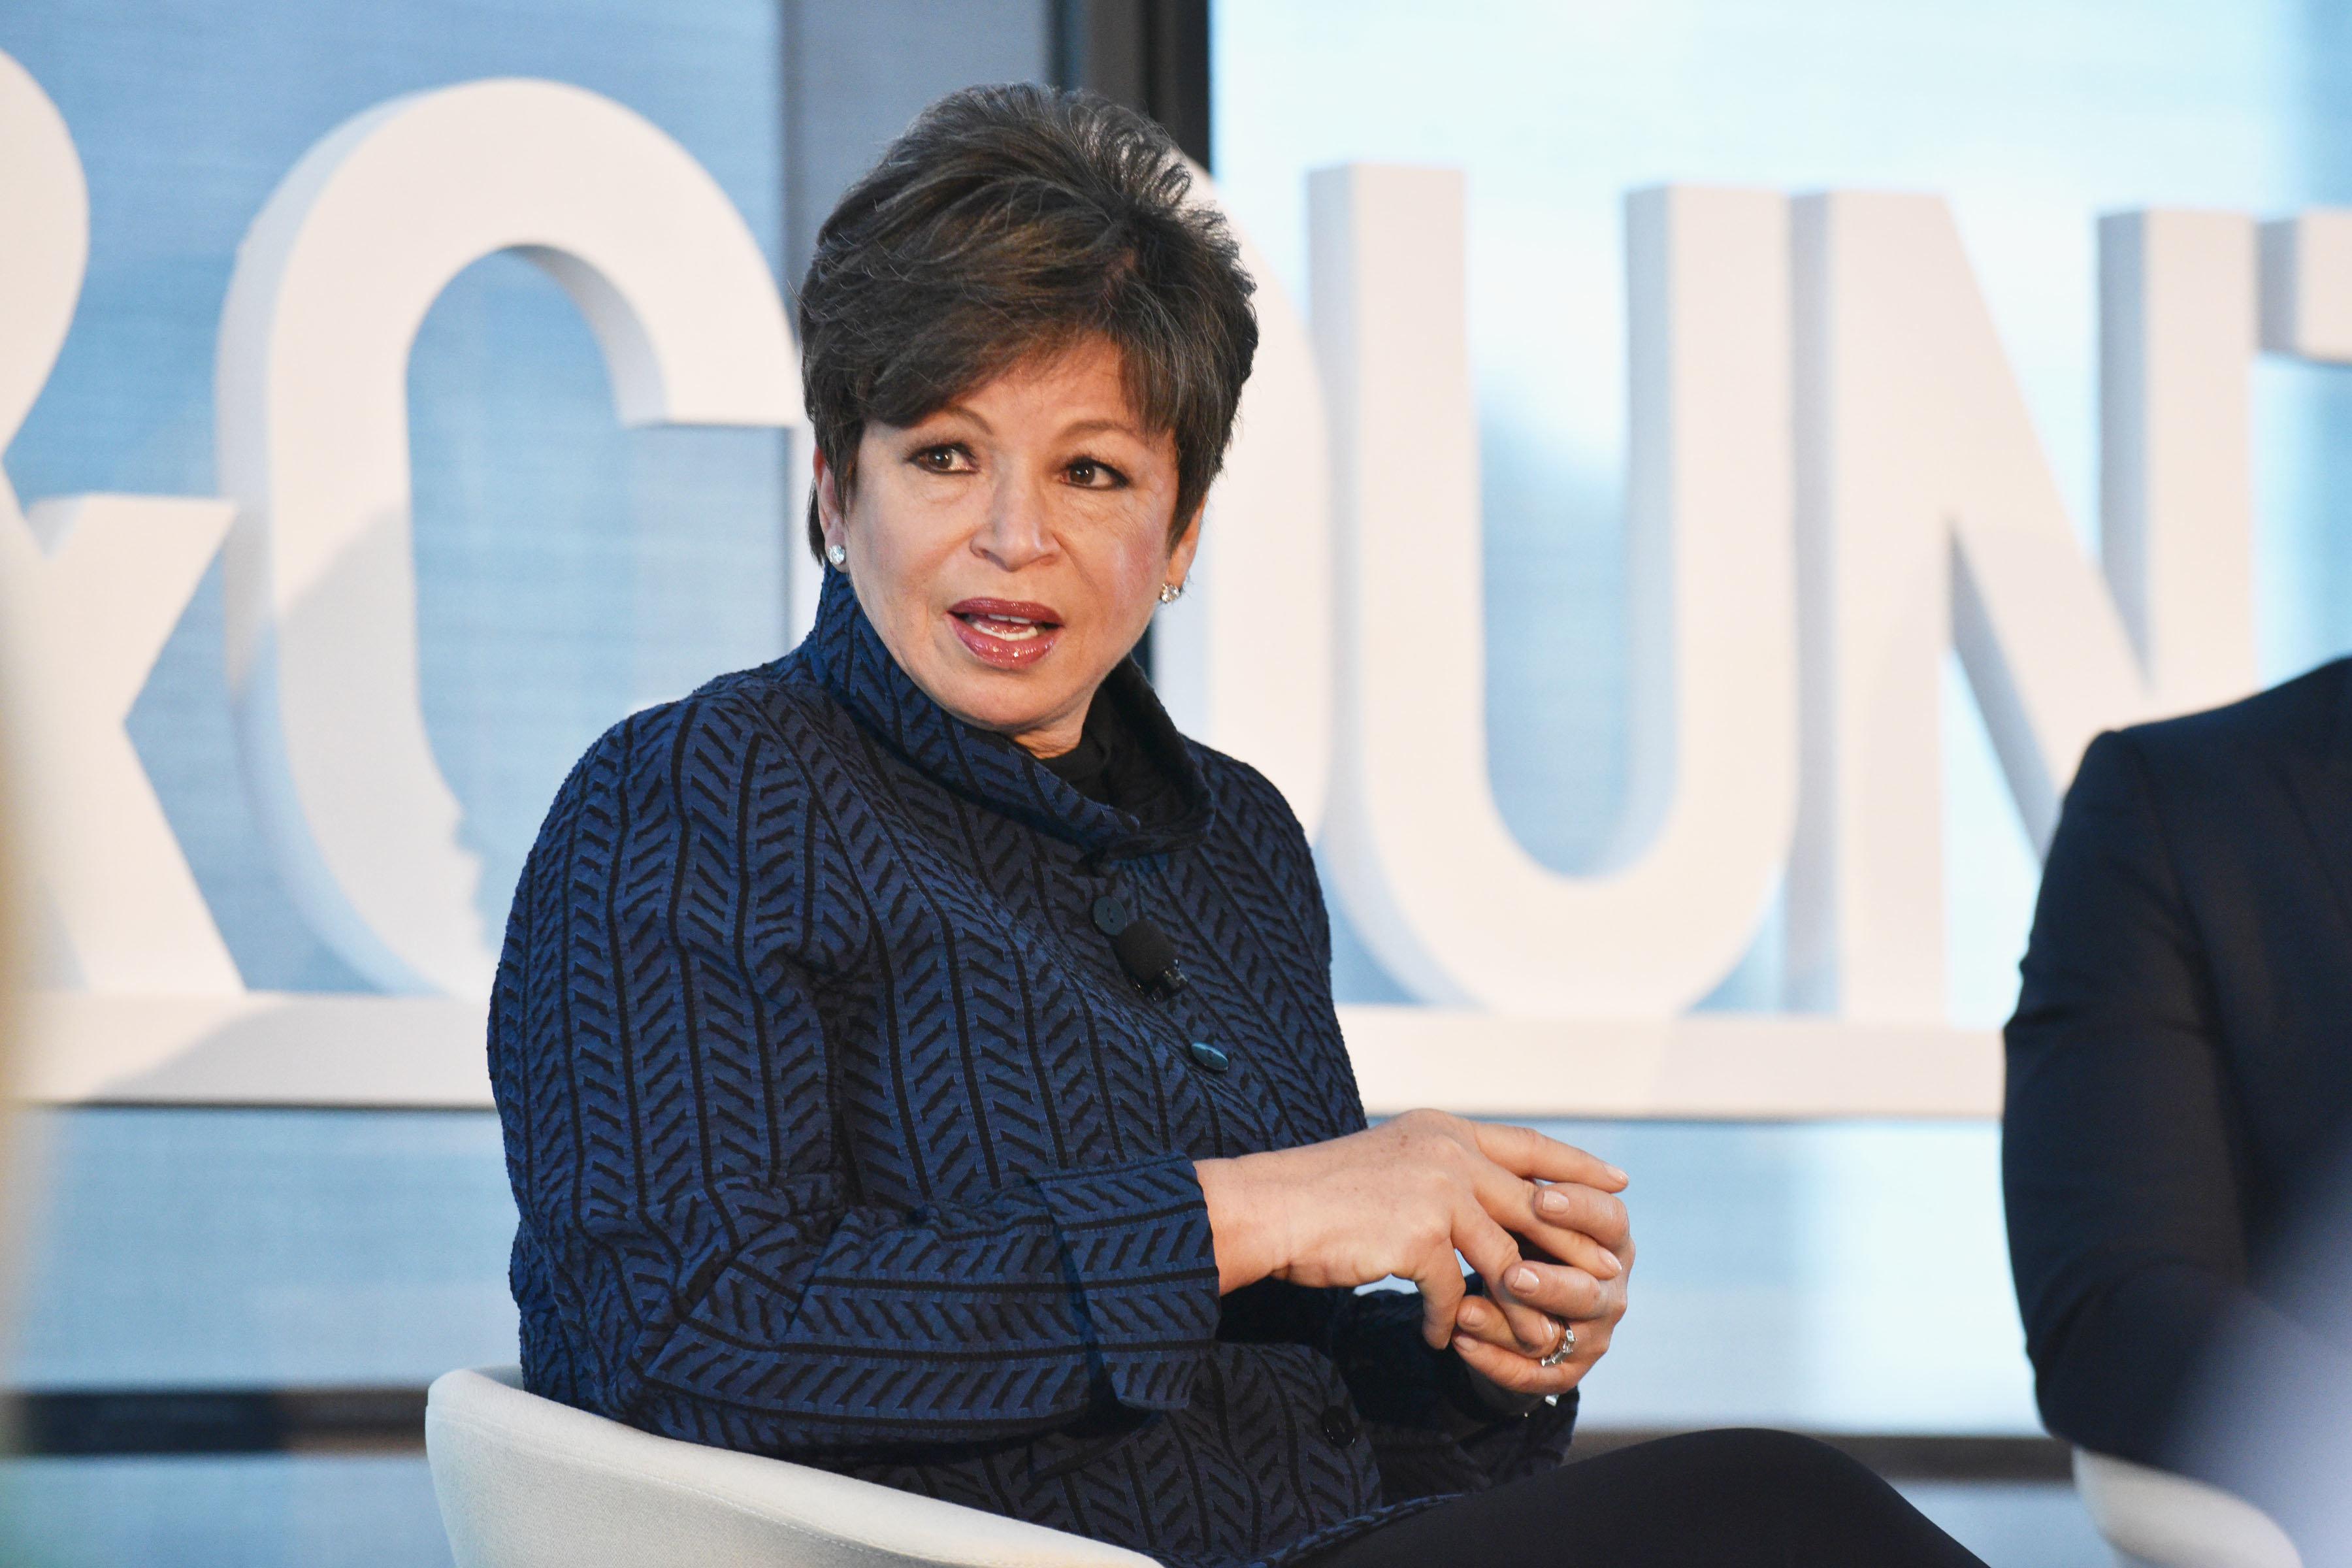 Valerie Jarrett Responds To Roseanne Barr's Twitter Tirade